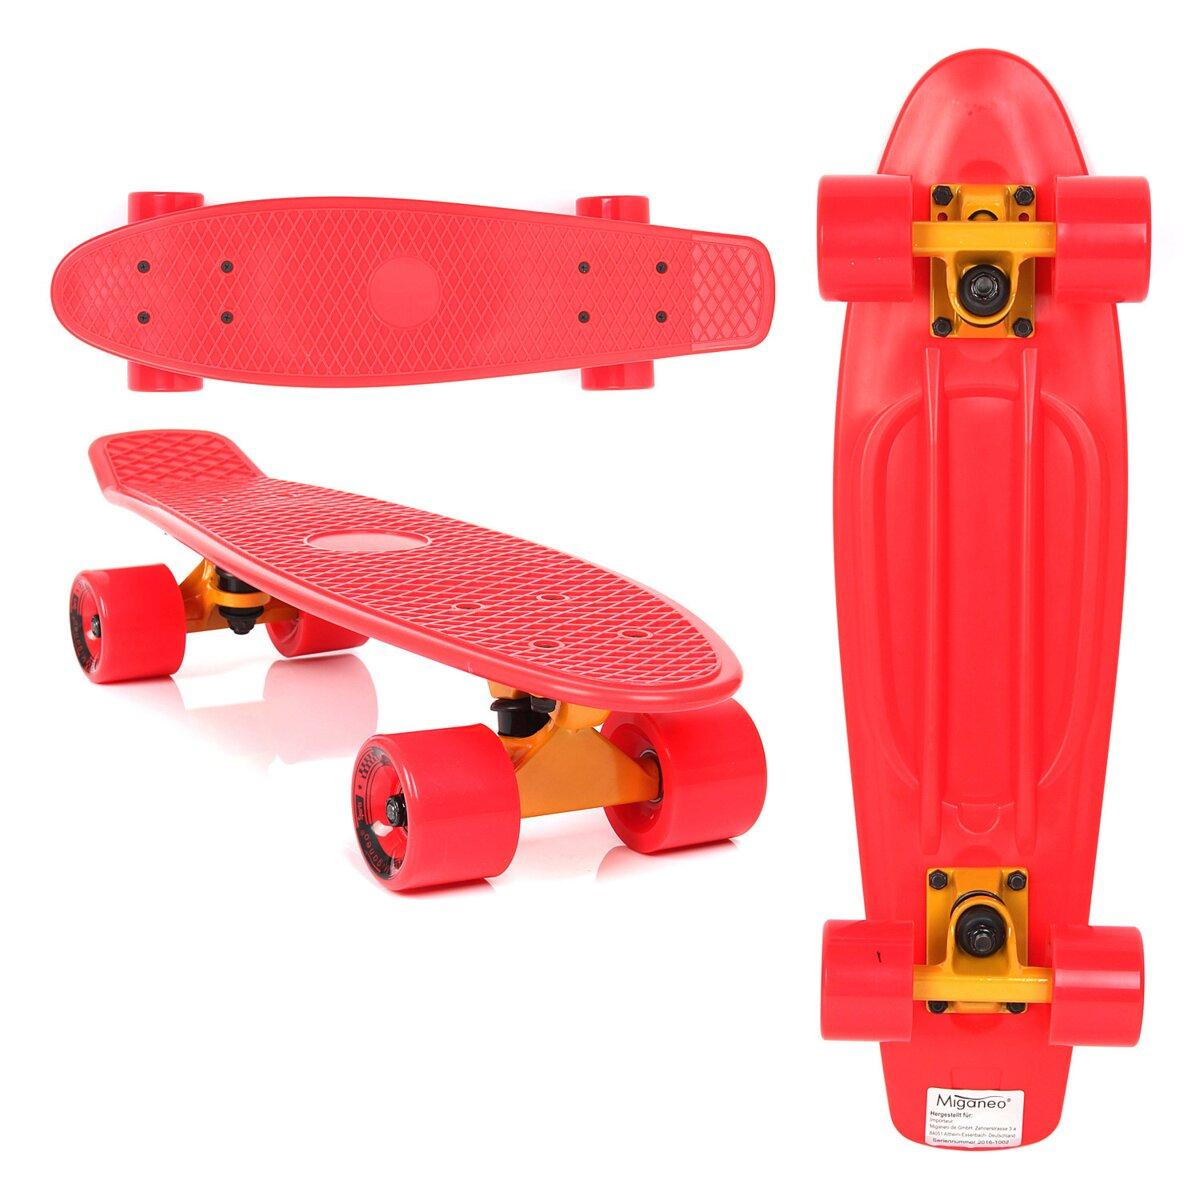 aca29dddaa6 Retro Skateboard Plastic červený